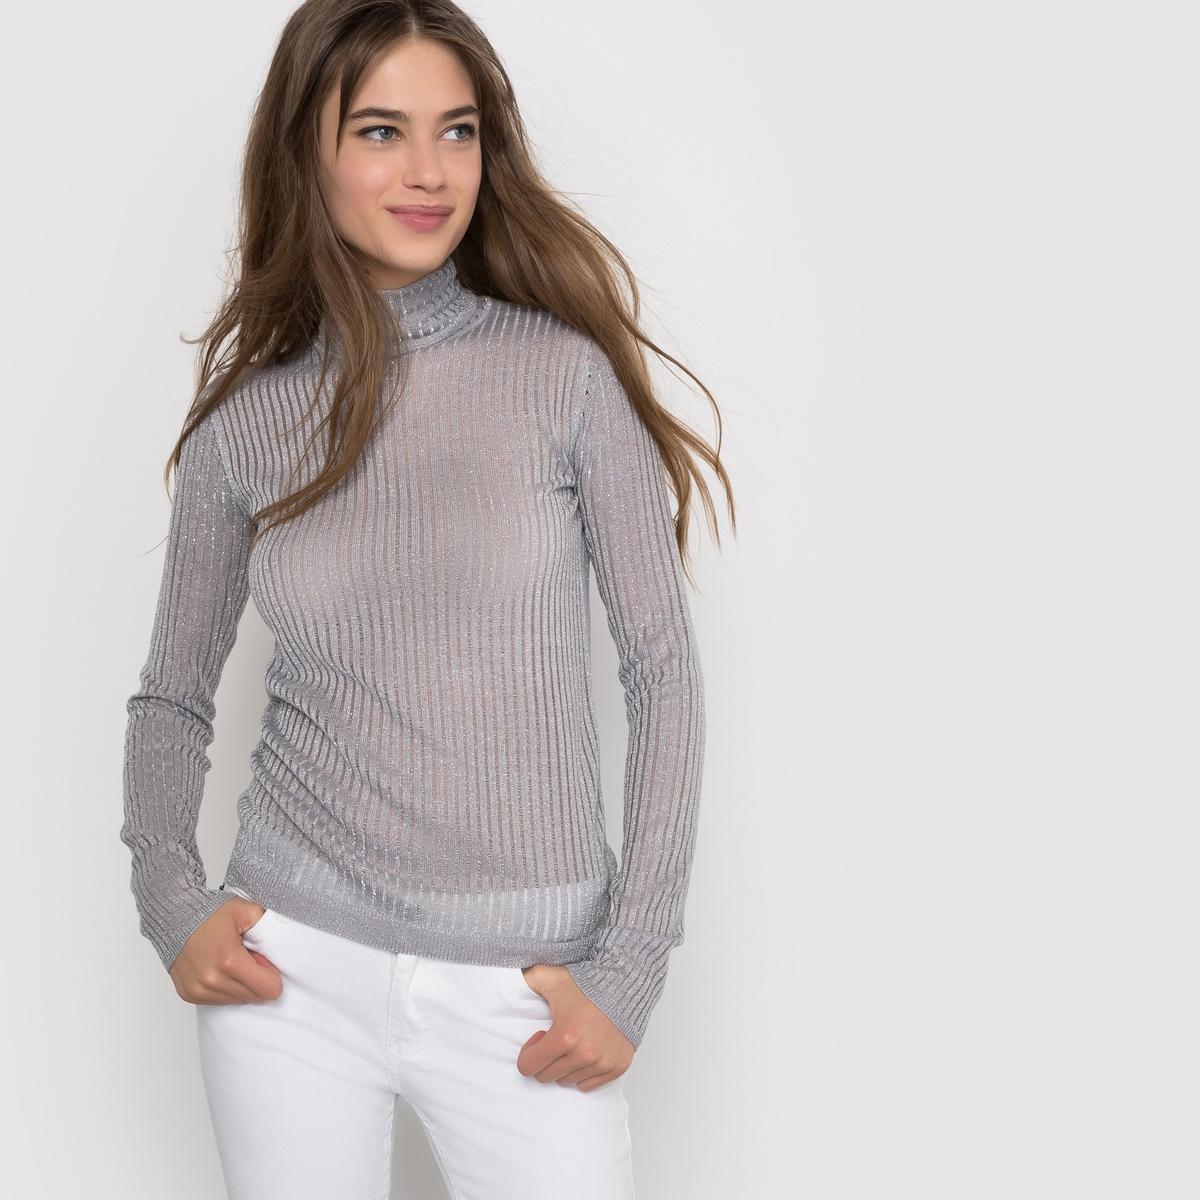 Облегающий пуловер в рубчик с металлизированными нитямиПуловер с длинным рукавом R ?dition. Очень облегающий и немного прозрачный изысканный пуловер в рубчик, с металлизированными нитями, воротник хомут. Состав и описание :Длина : 59 смМатериал : 95% акрила, 5% металлизированных нитейМарка :      R ?ditionУходСтирка при 30° с одеждой подобного цвета Не гладить<br><br>Цвет: красно-фиолетовый,светло-серый металл<br>Размер: 48 (FR) - 54 (RUS).46 (FR) - 52 (RUS).48 (FR) - 54 (RUS).46 (FR) - 52 (RUS).42 (FR) - 48 (RUS)